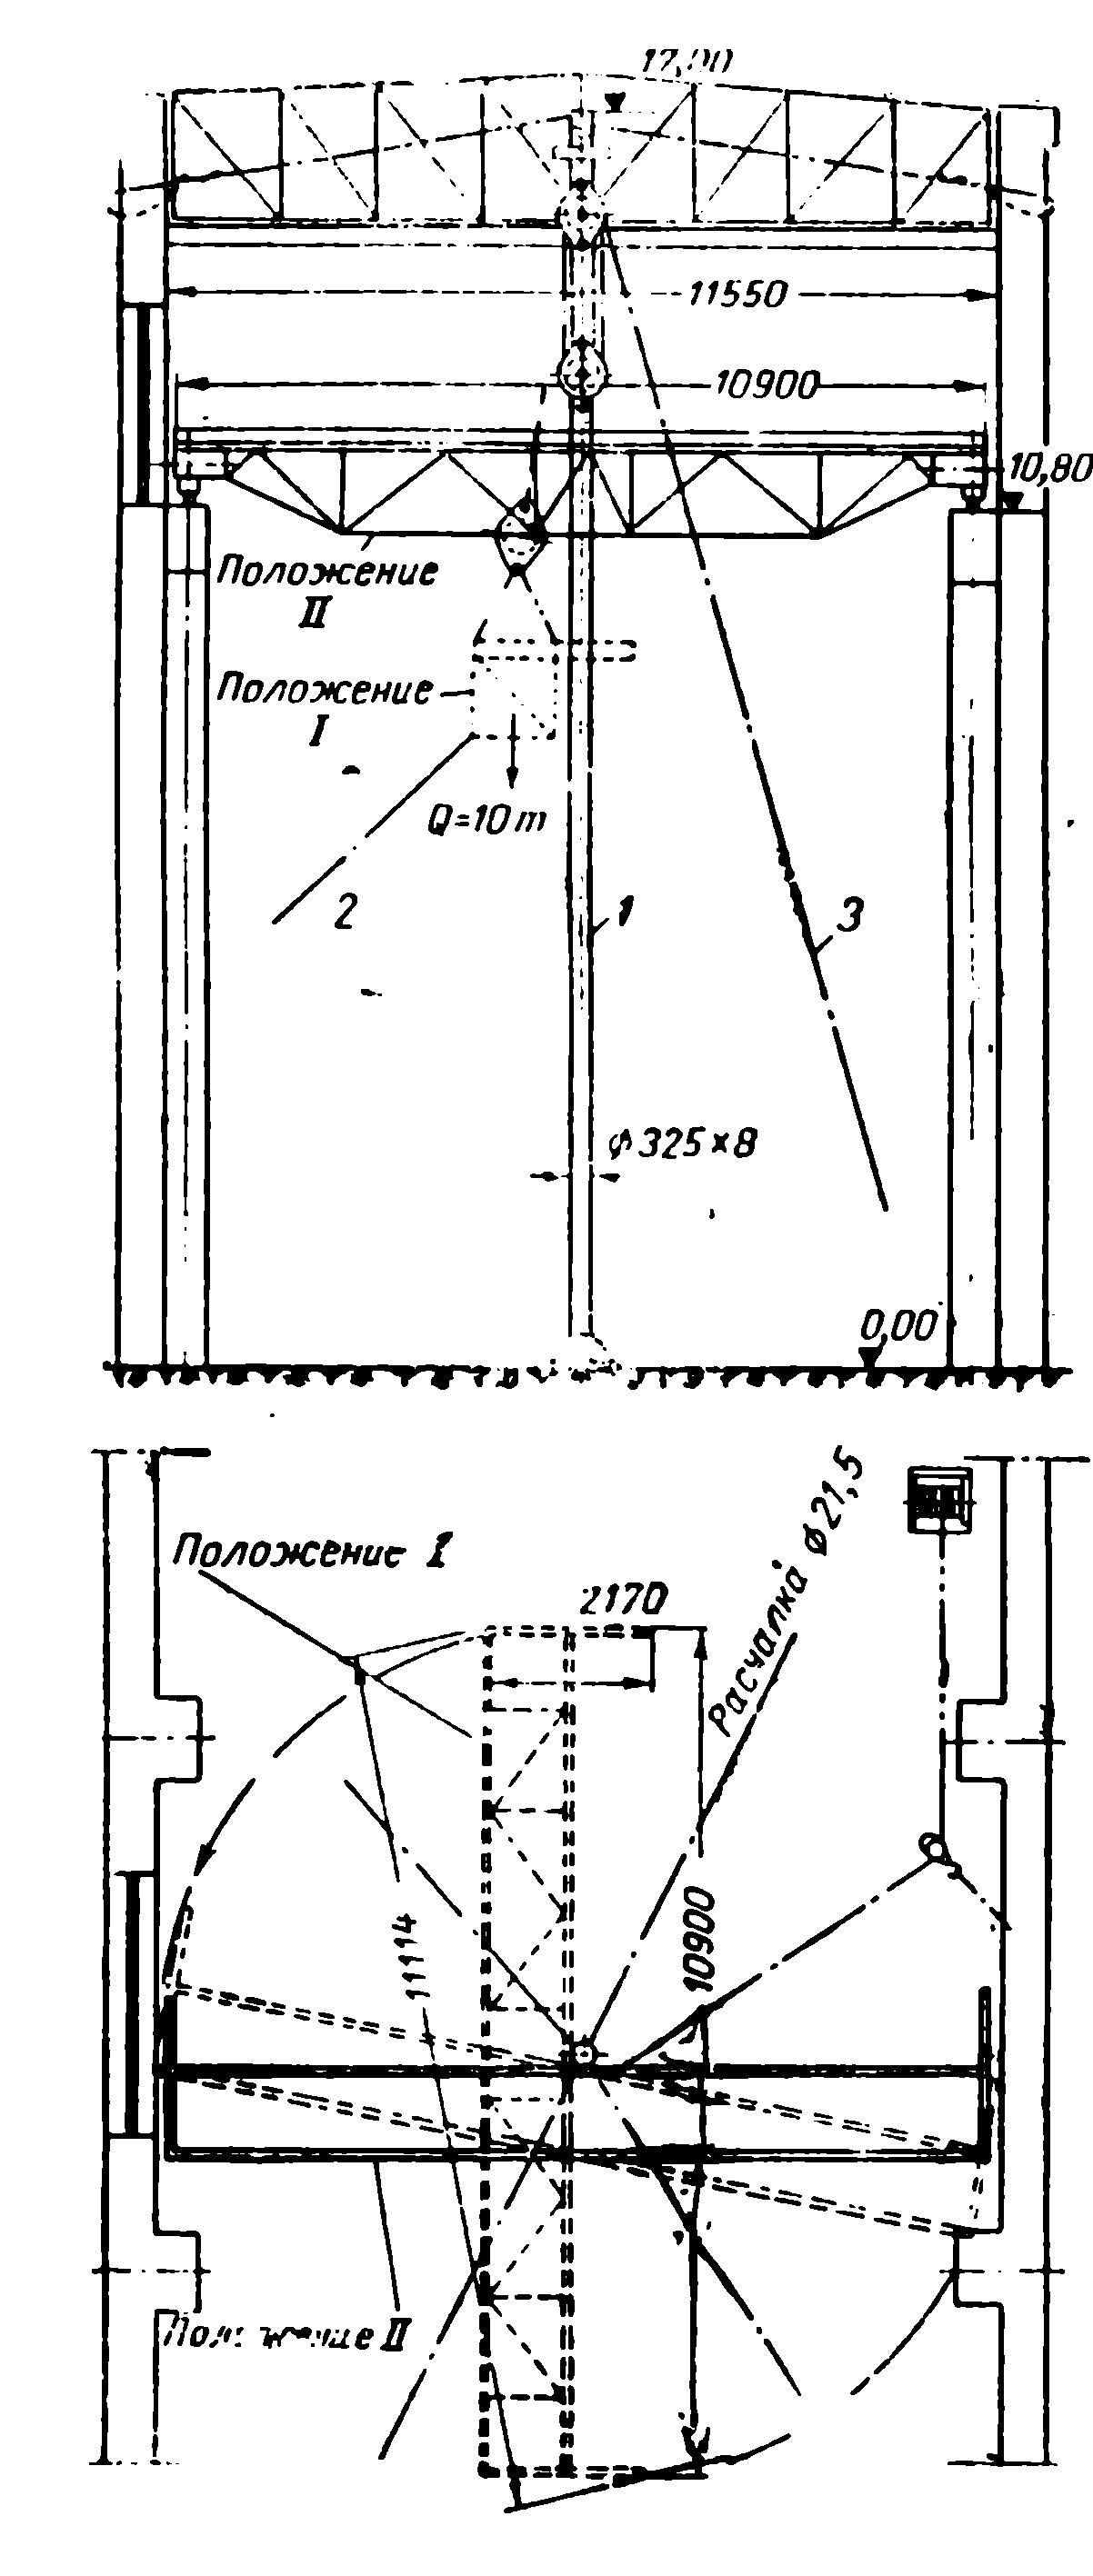 Инструкция по охране труда по монтажу мостового крана